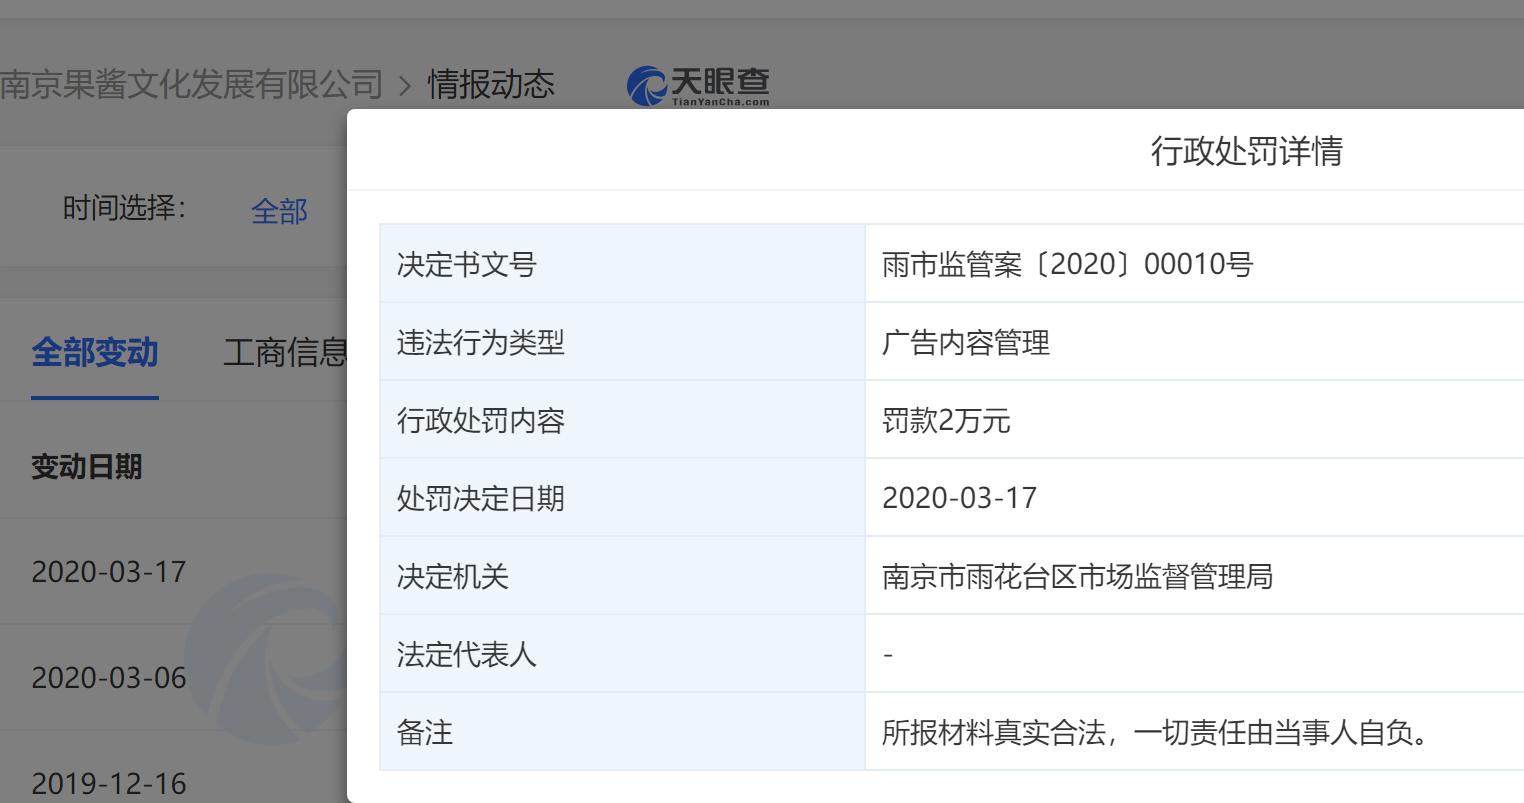 果酱文化因广告内容违法被处罚2万元 汪峰还是第三大股东